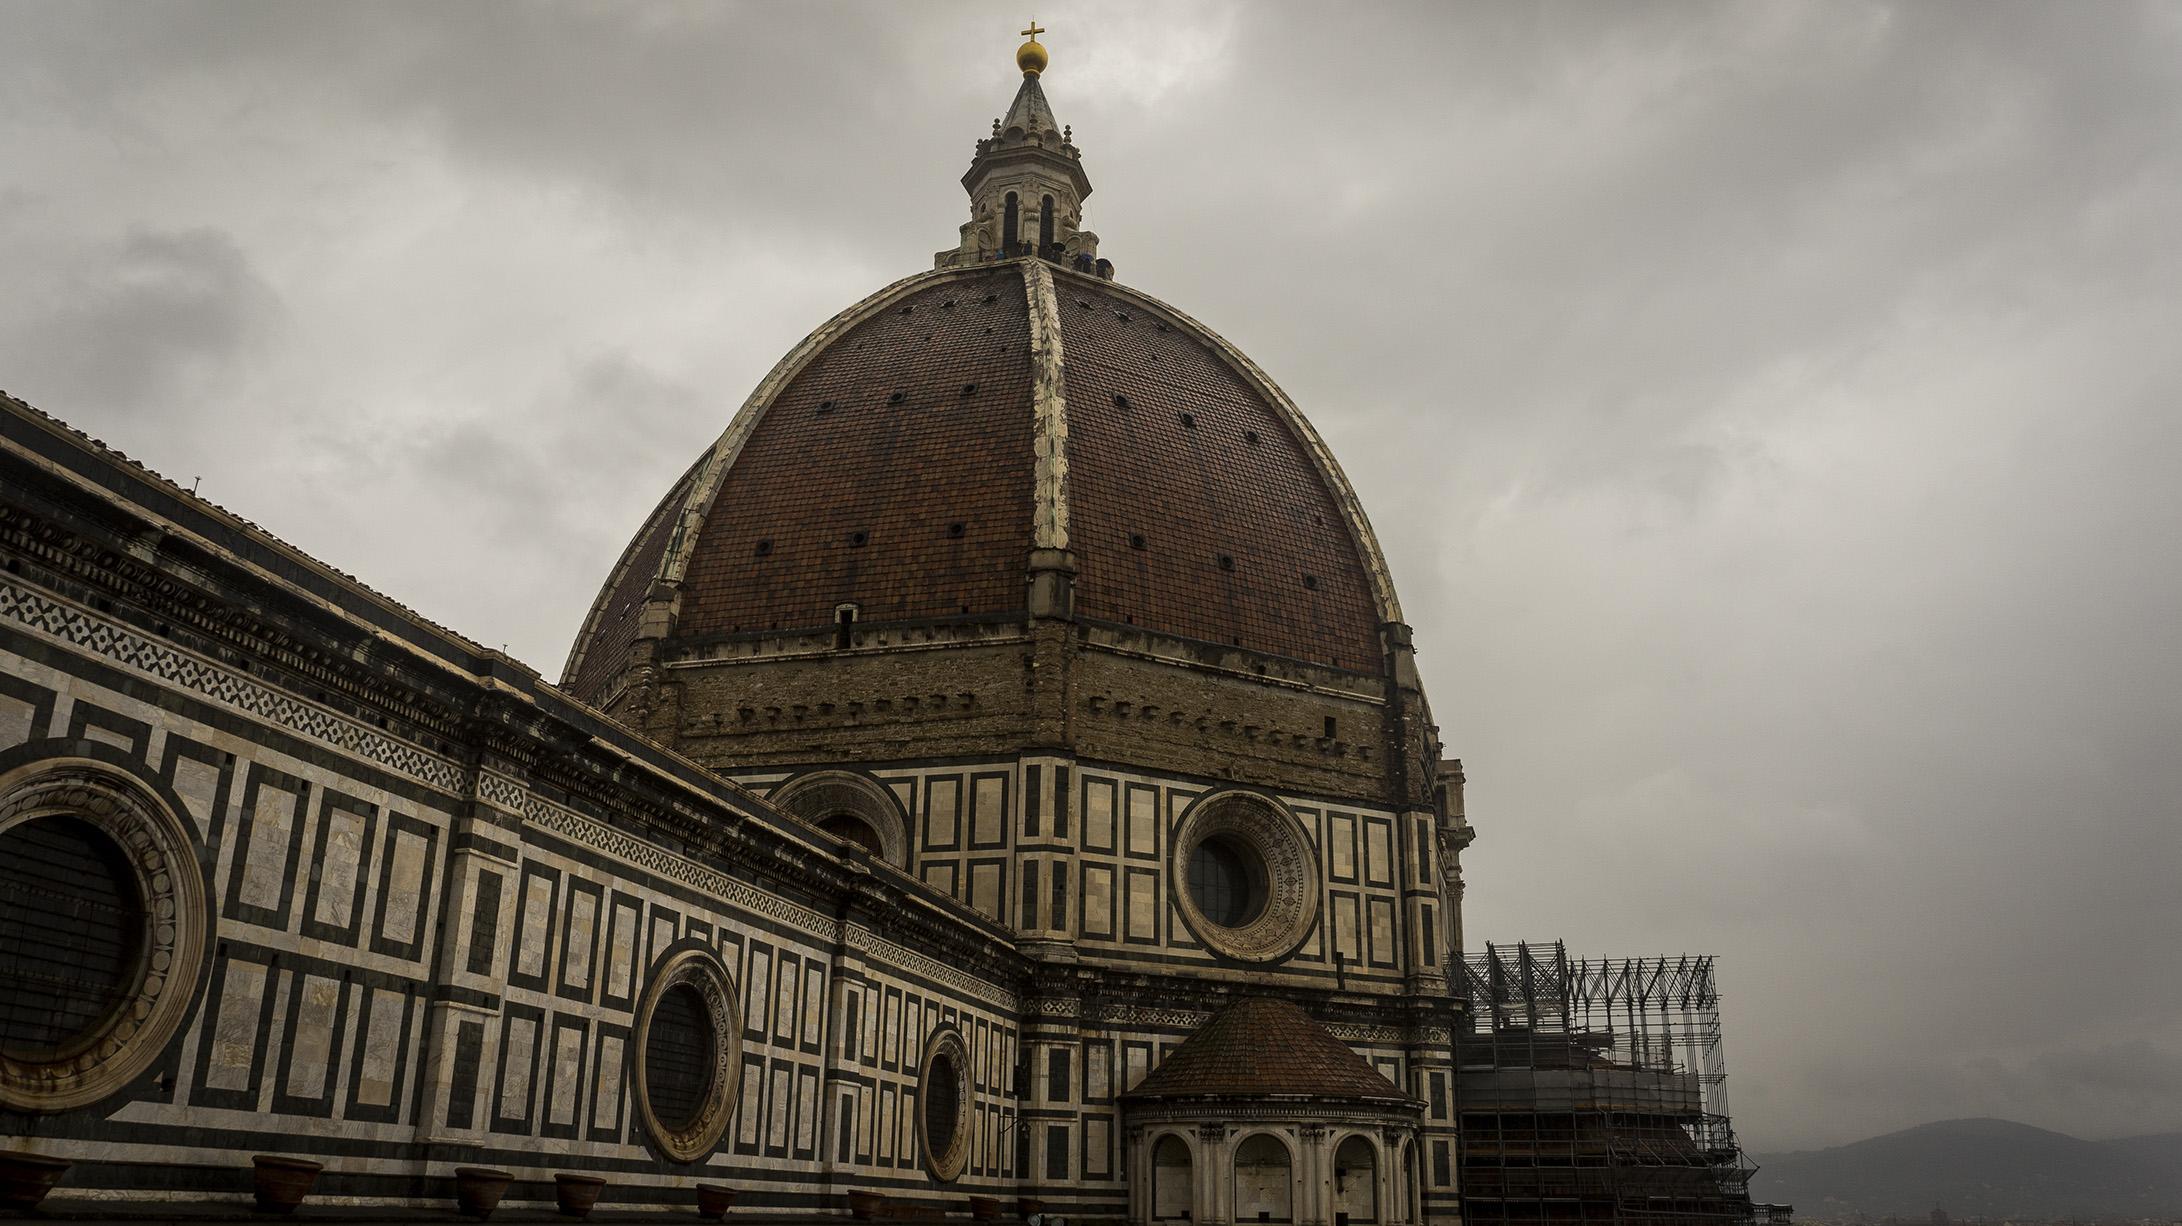 Достопримечательности Флоренции: Санта-Мария-Дель-Фьоре